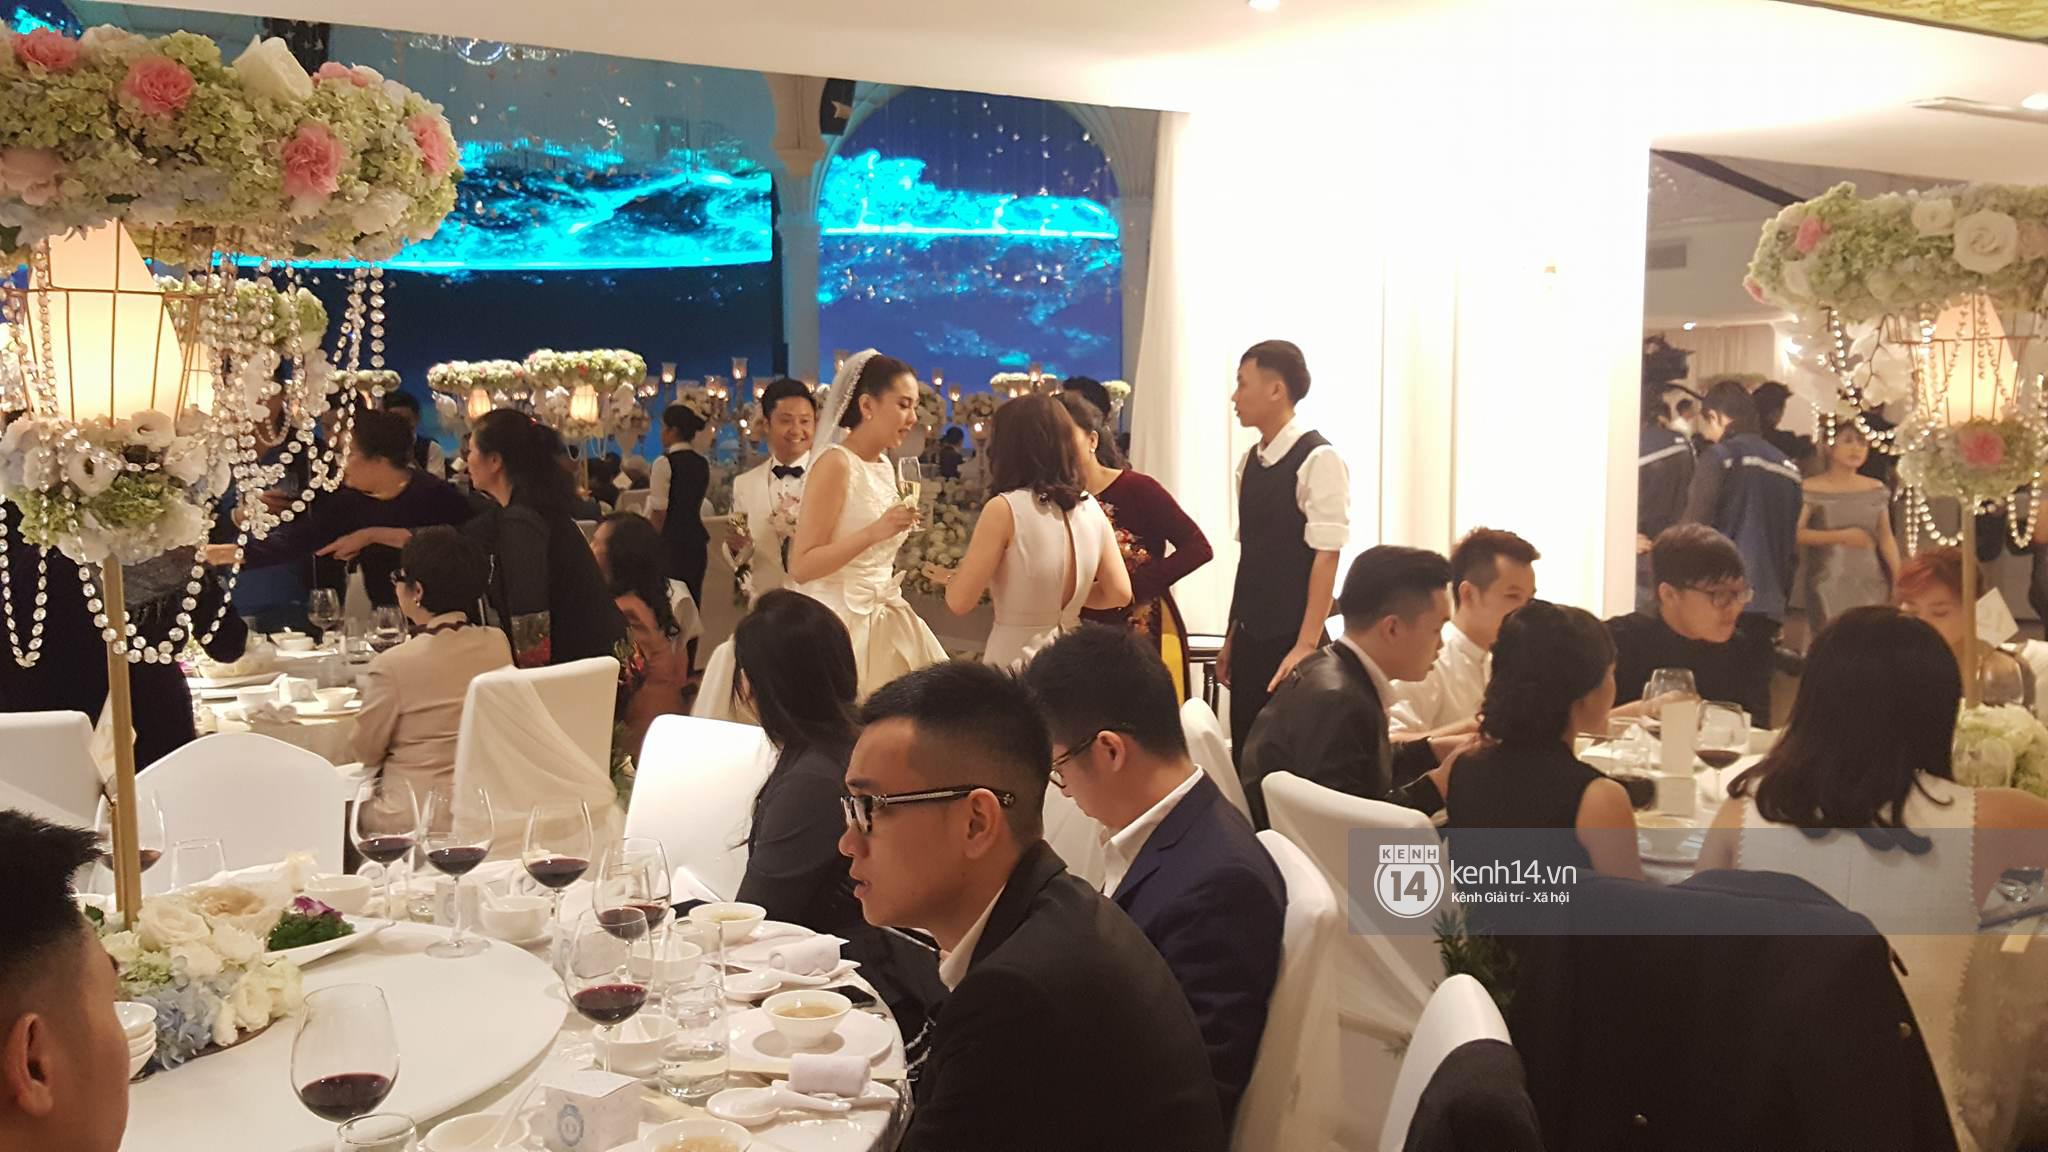 Đám cưới MC Mai Ngọc: Không gian lộng lẫy, cầu kỳ, xứng đáng là đám cưới sang chảnh nhất Hà Nội hôm nay - Ảnh 24.